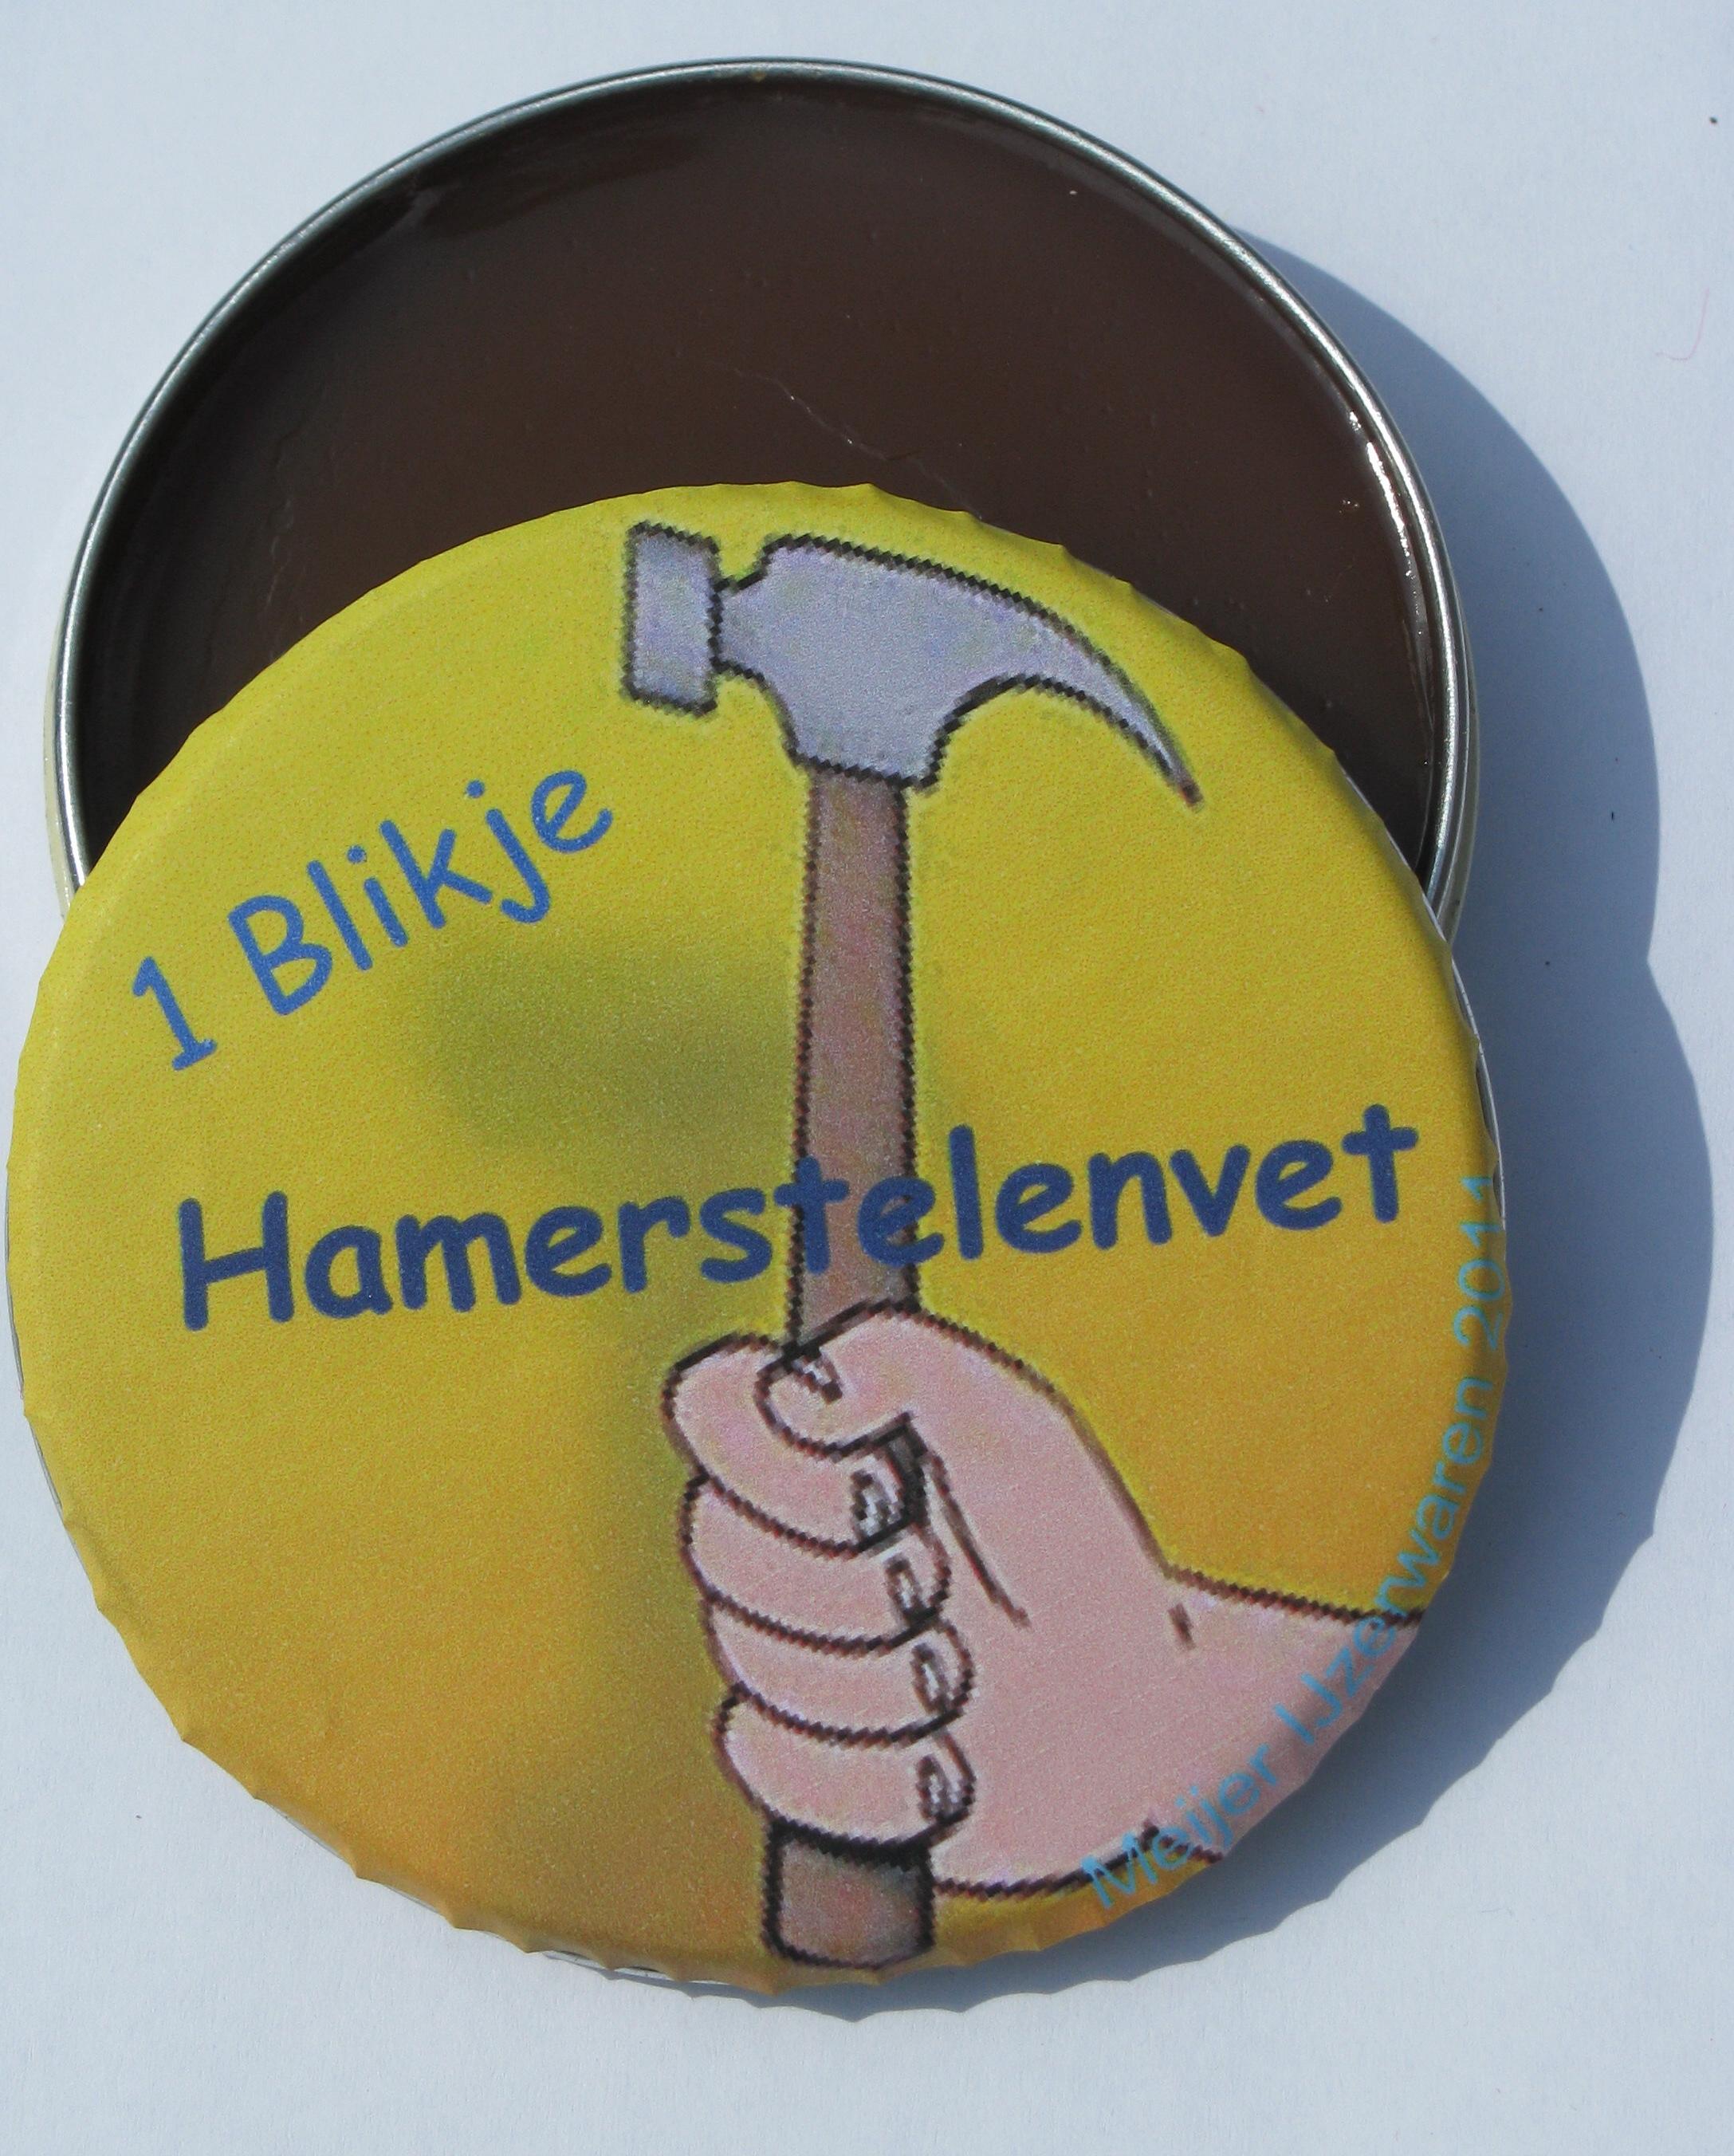 HAMERSTELENVET